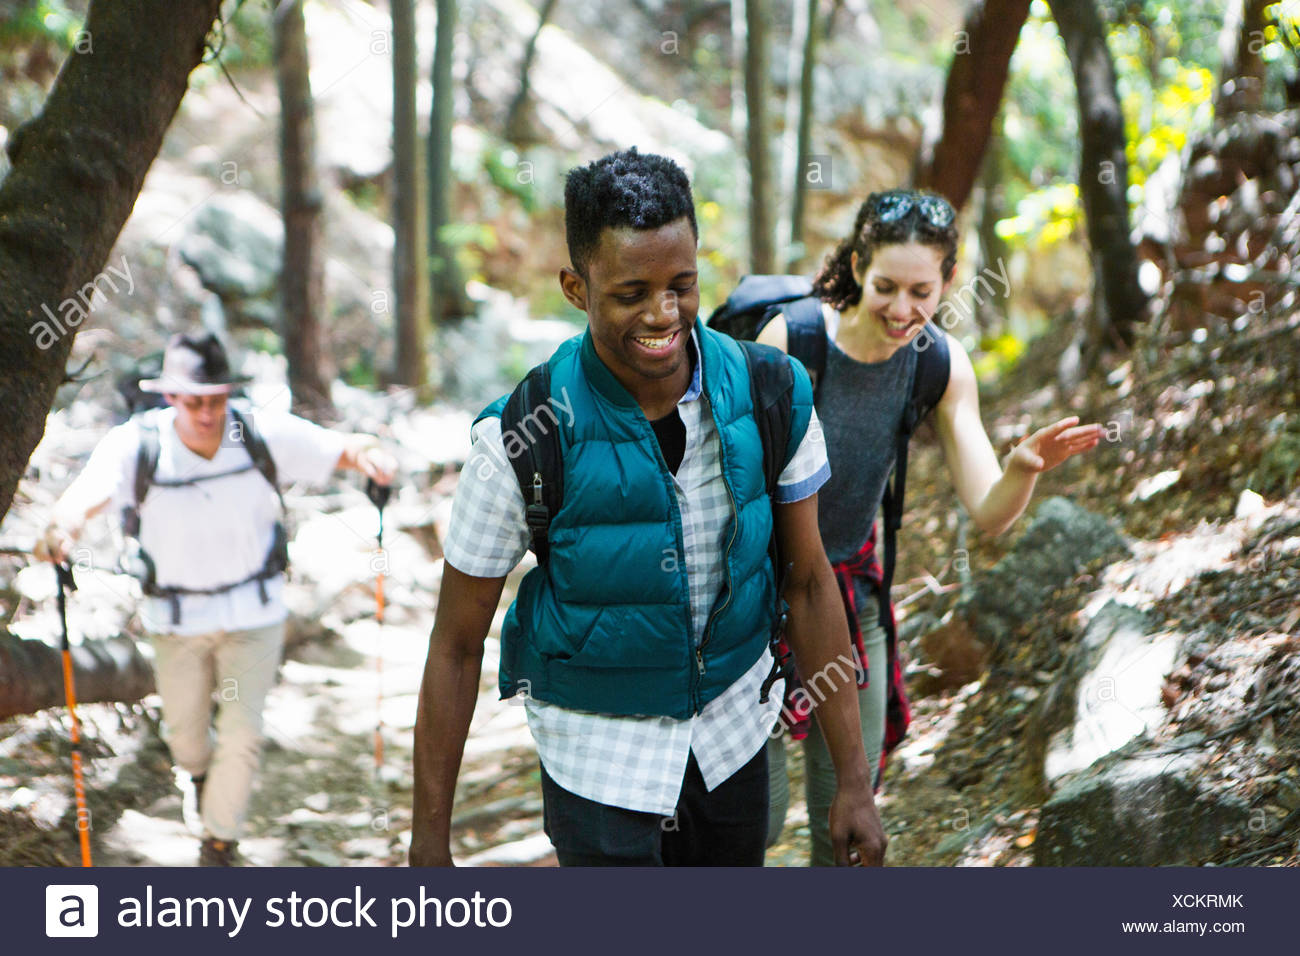 Tres adultos jóvenes excursionistas caminatas a través del bosque, Arcadia, California, EE.UU. Imagen De Stock